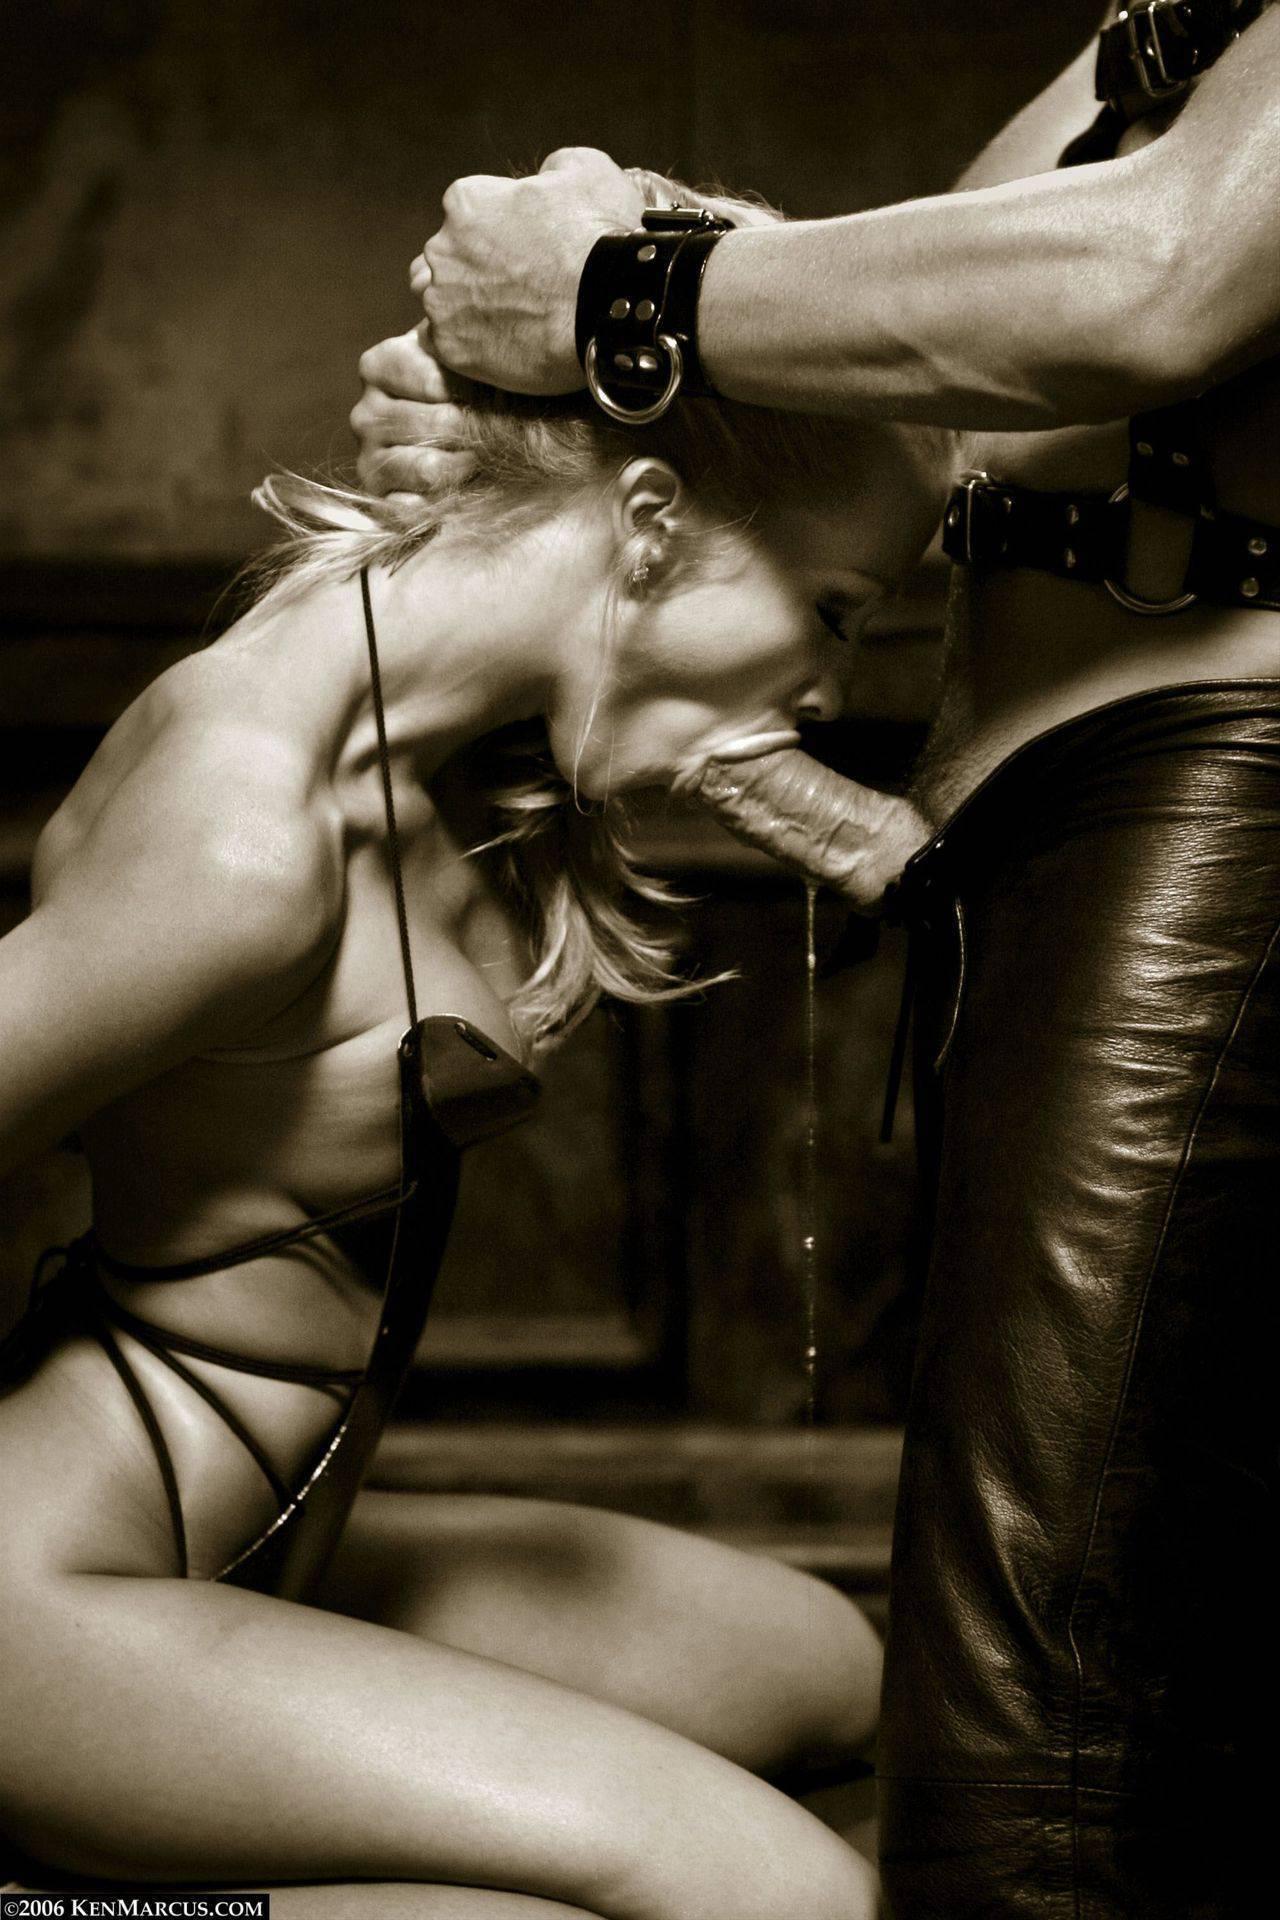 Секс в наручниках онлайн бесплатно hd 28 фотография